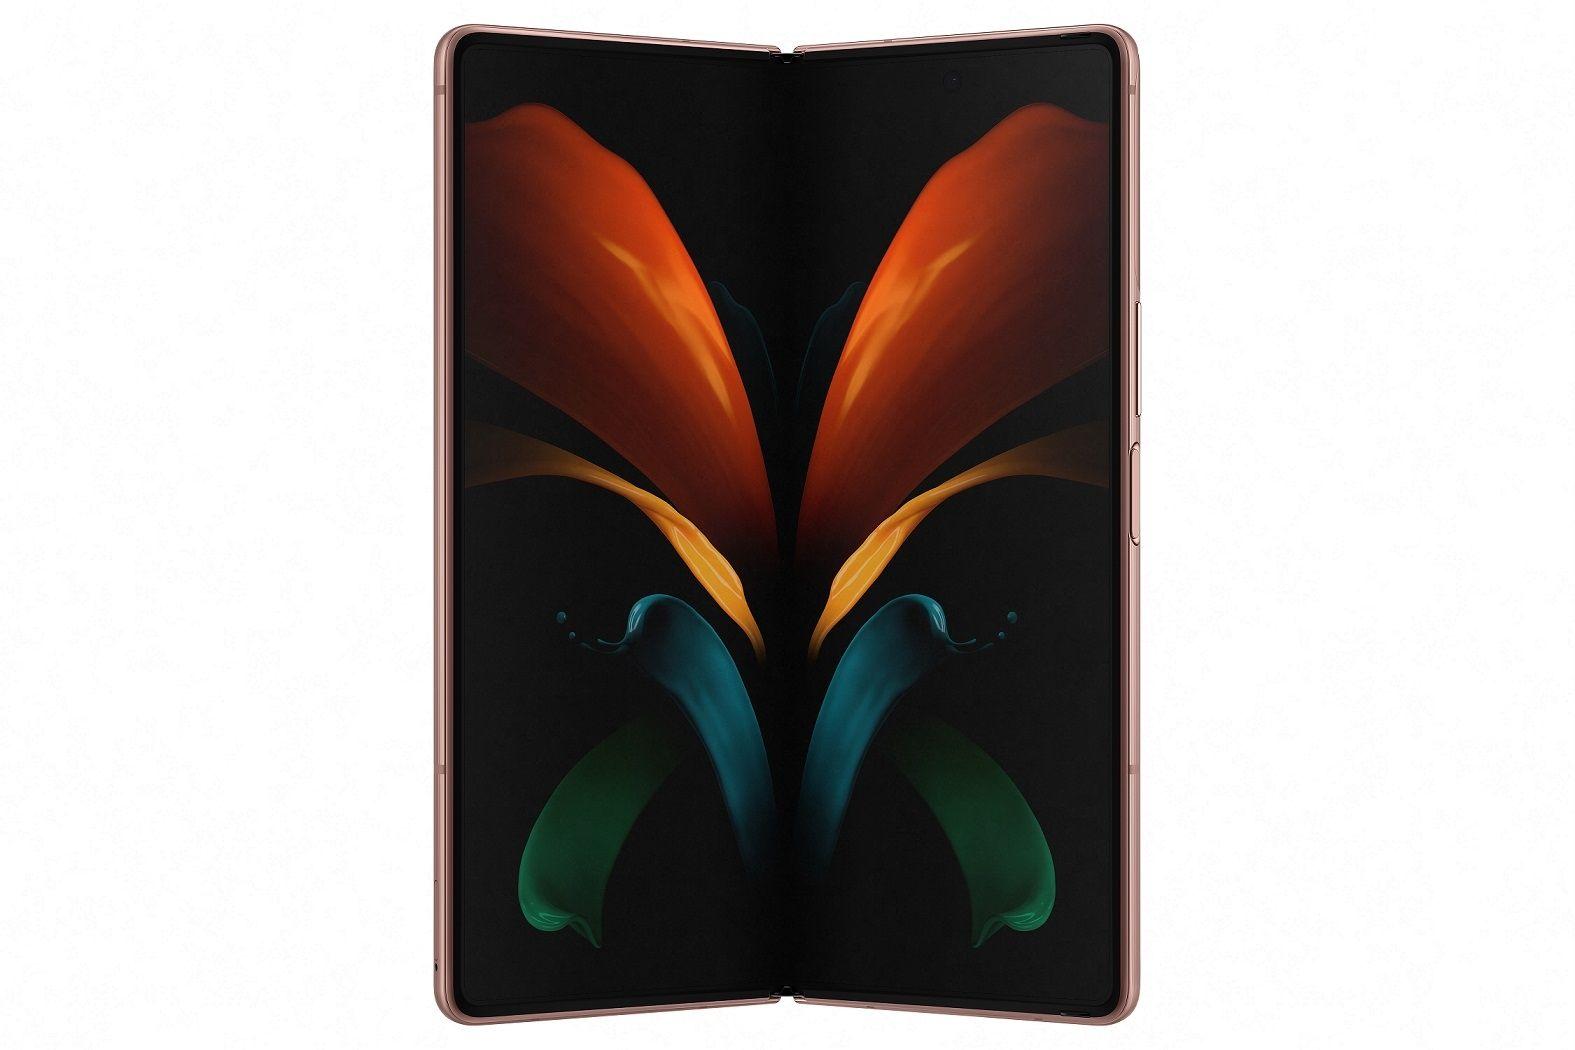 Samsung Galaxy Z Fold 2 face